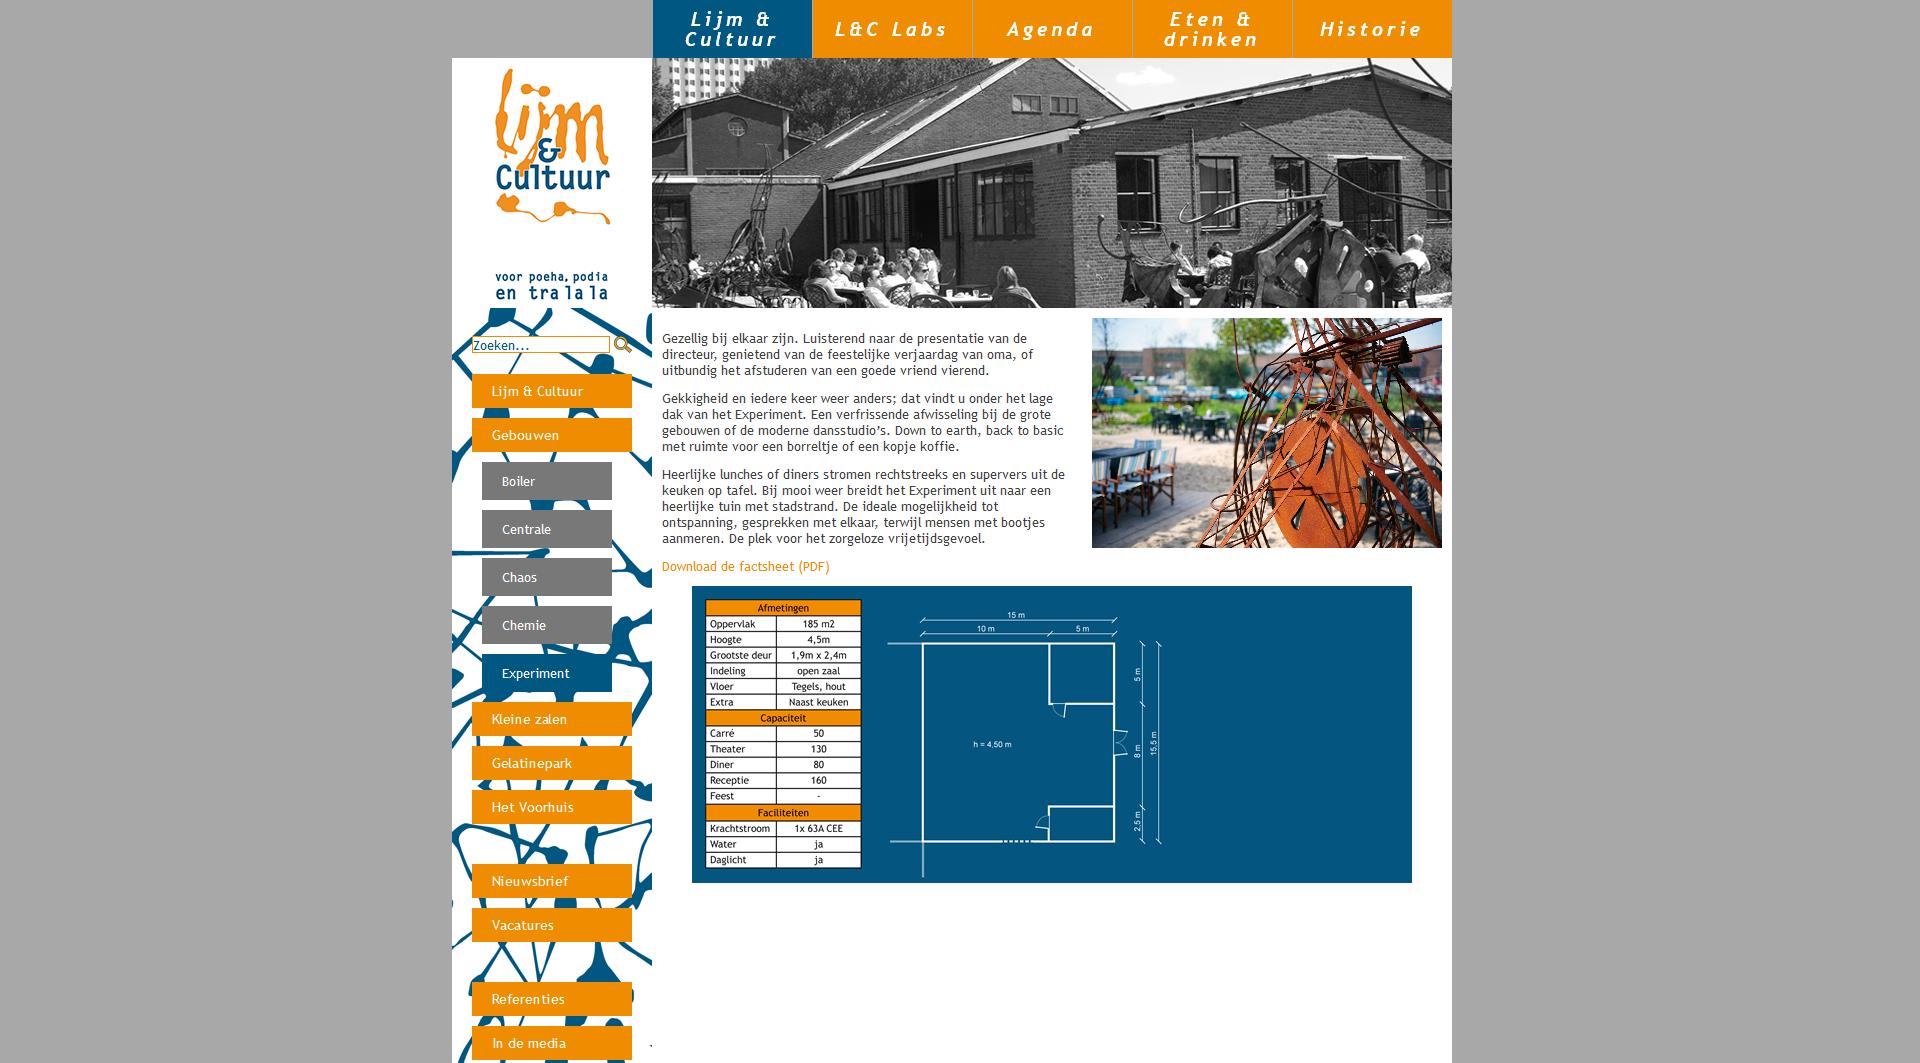 Gebouwenpagina op de website van Lijm & Cultuur